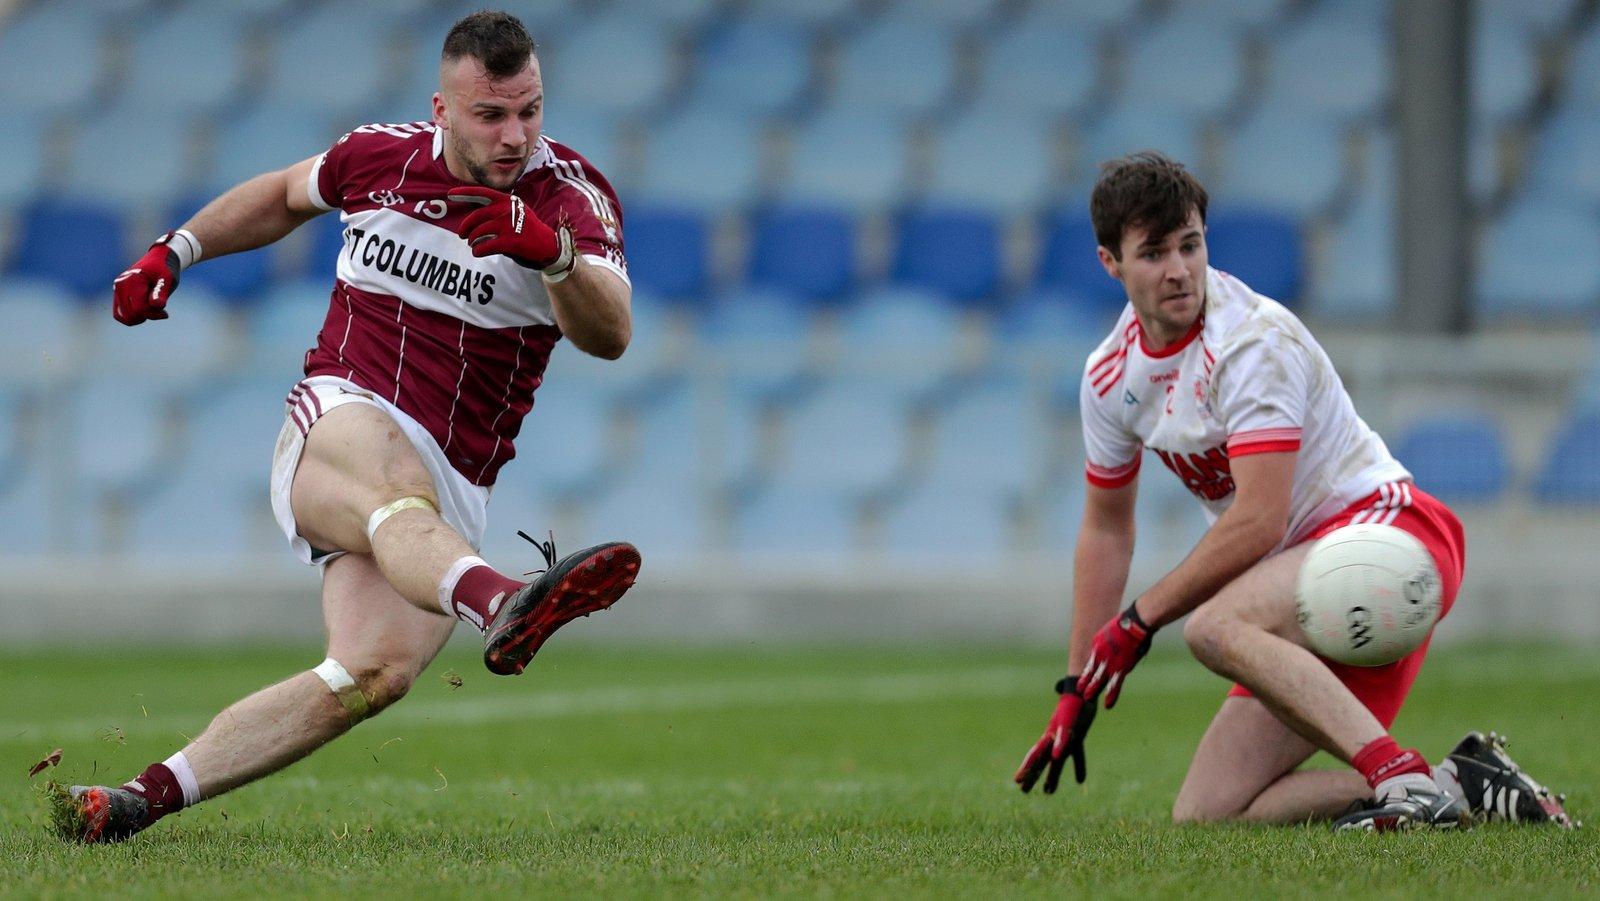 Image - Aidan McElligott scoring a goal against Éire Óg